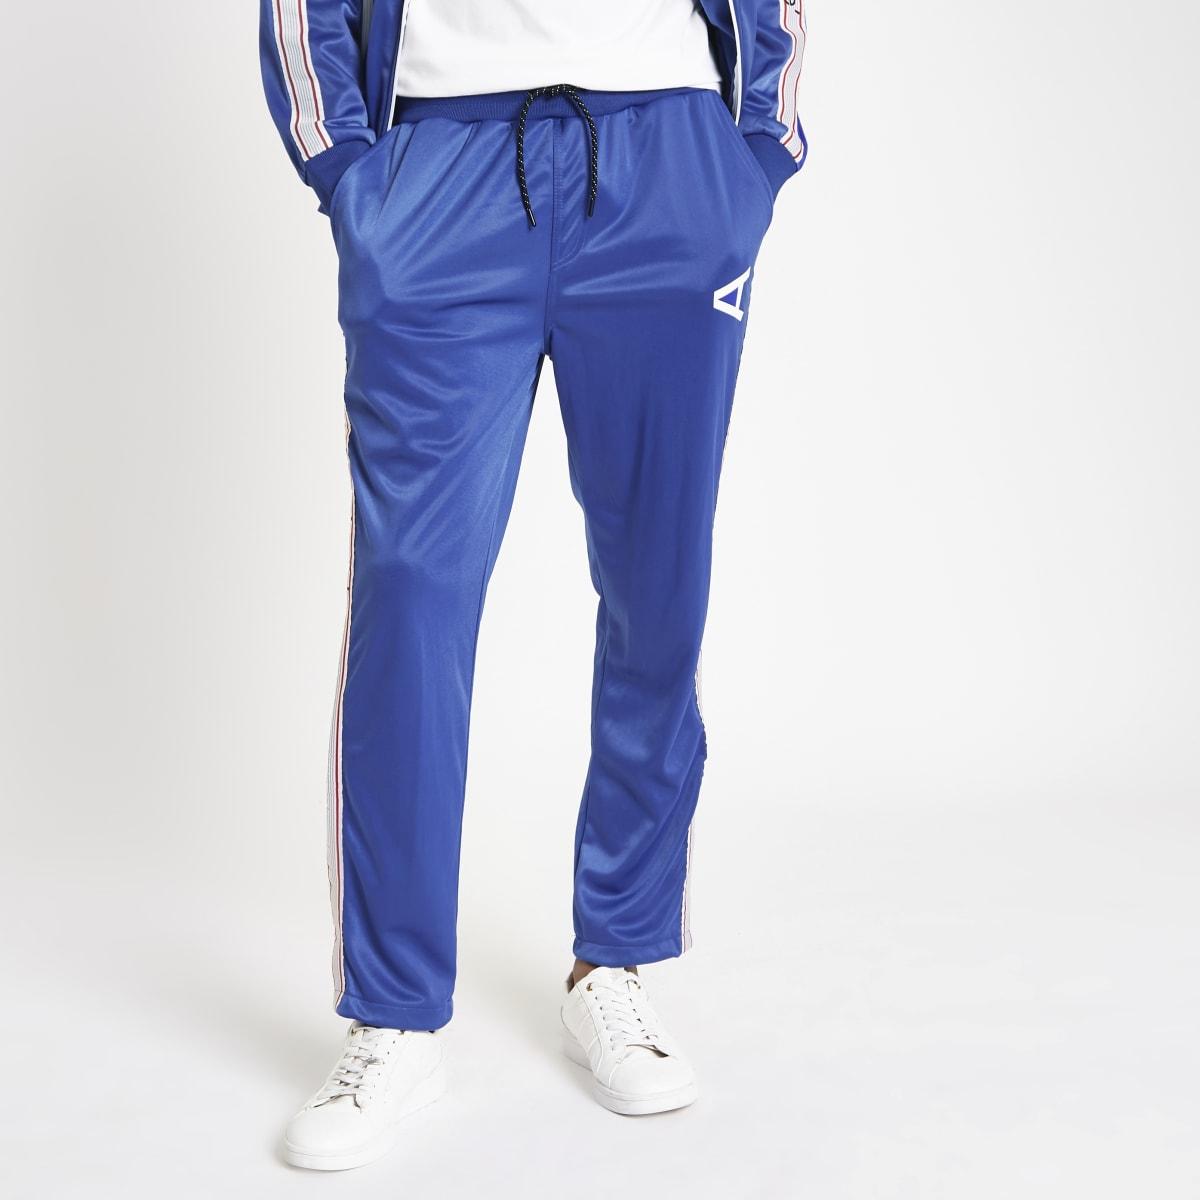 Arcminute - Blauwe joggingbroek met bies opzij